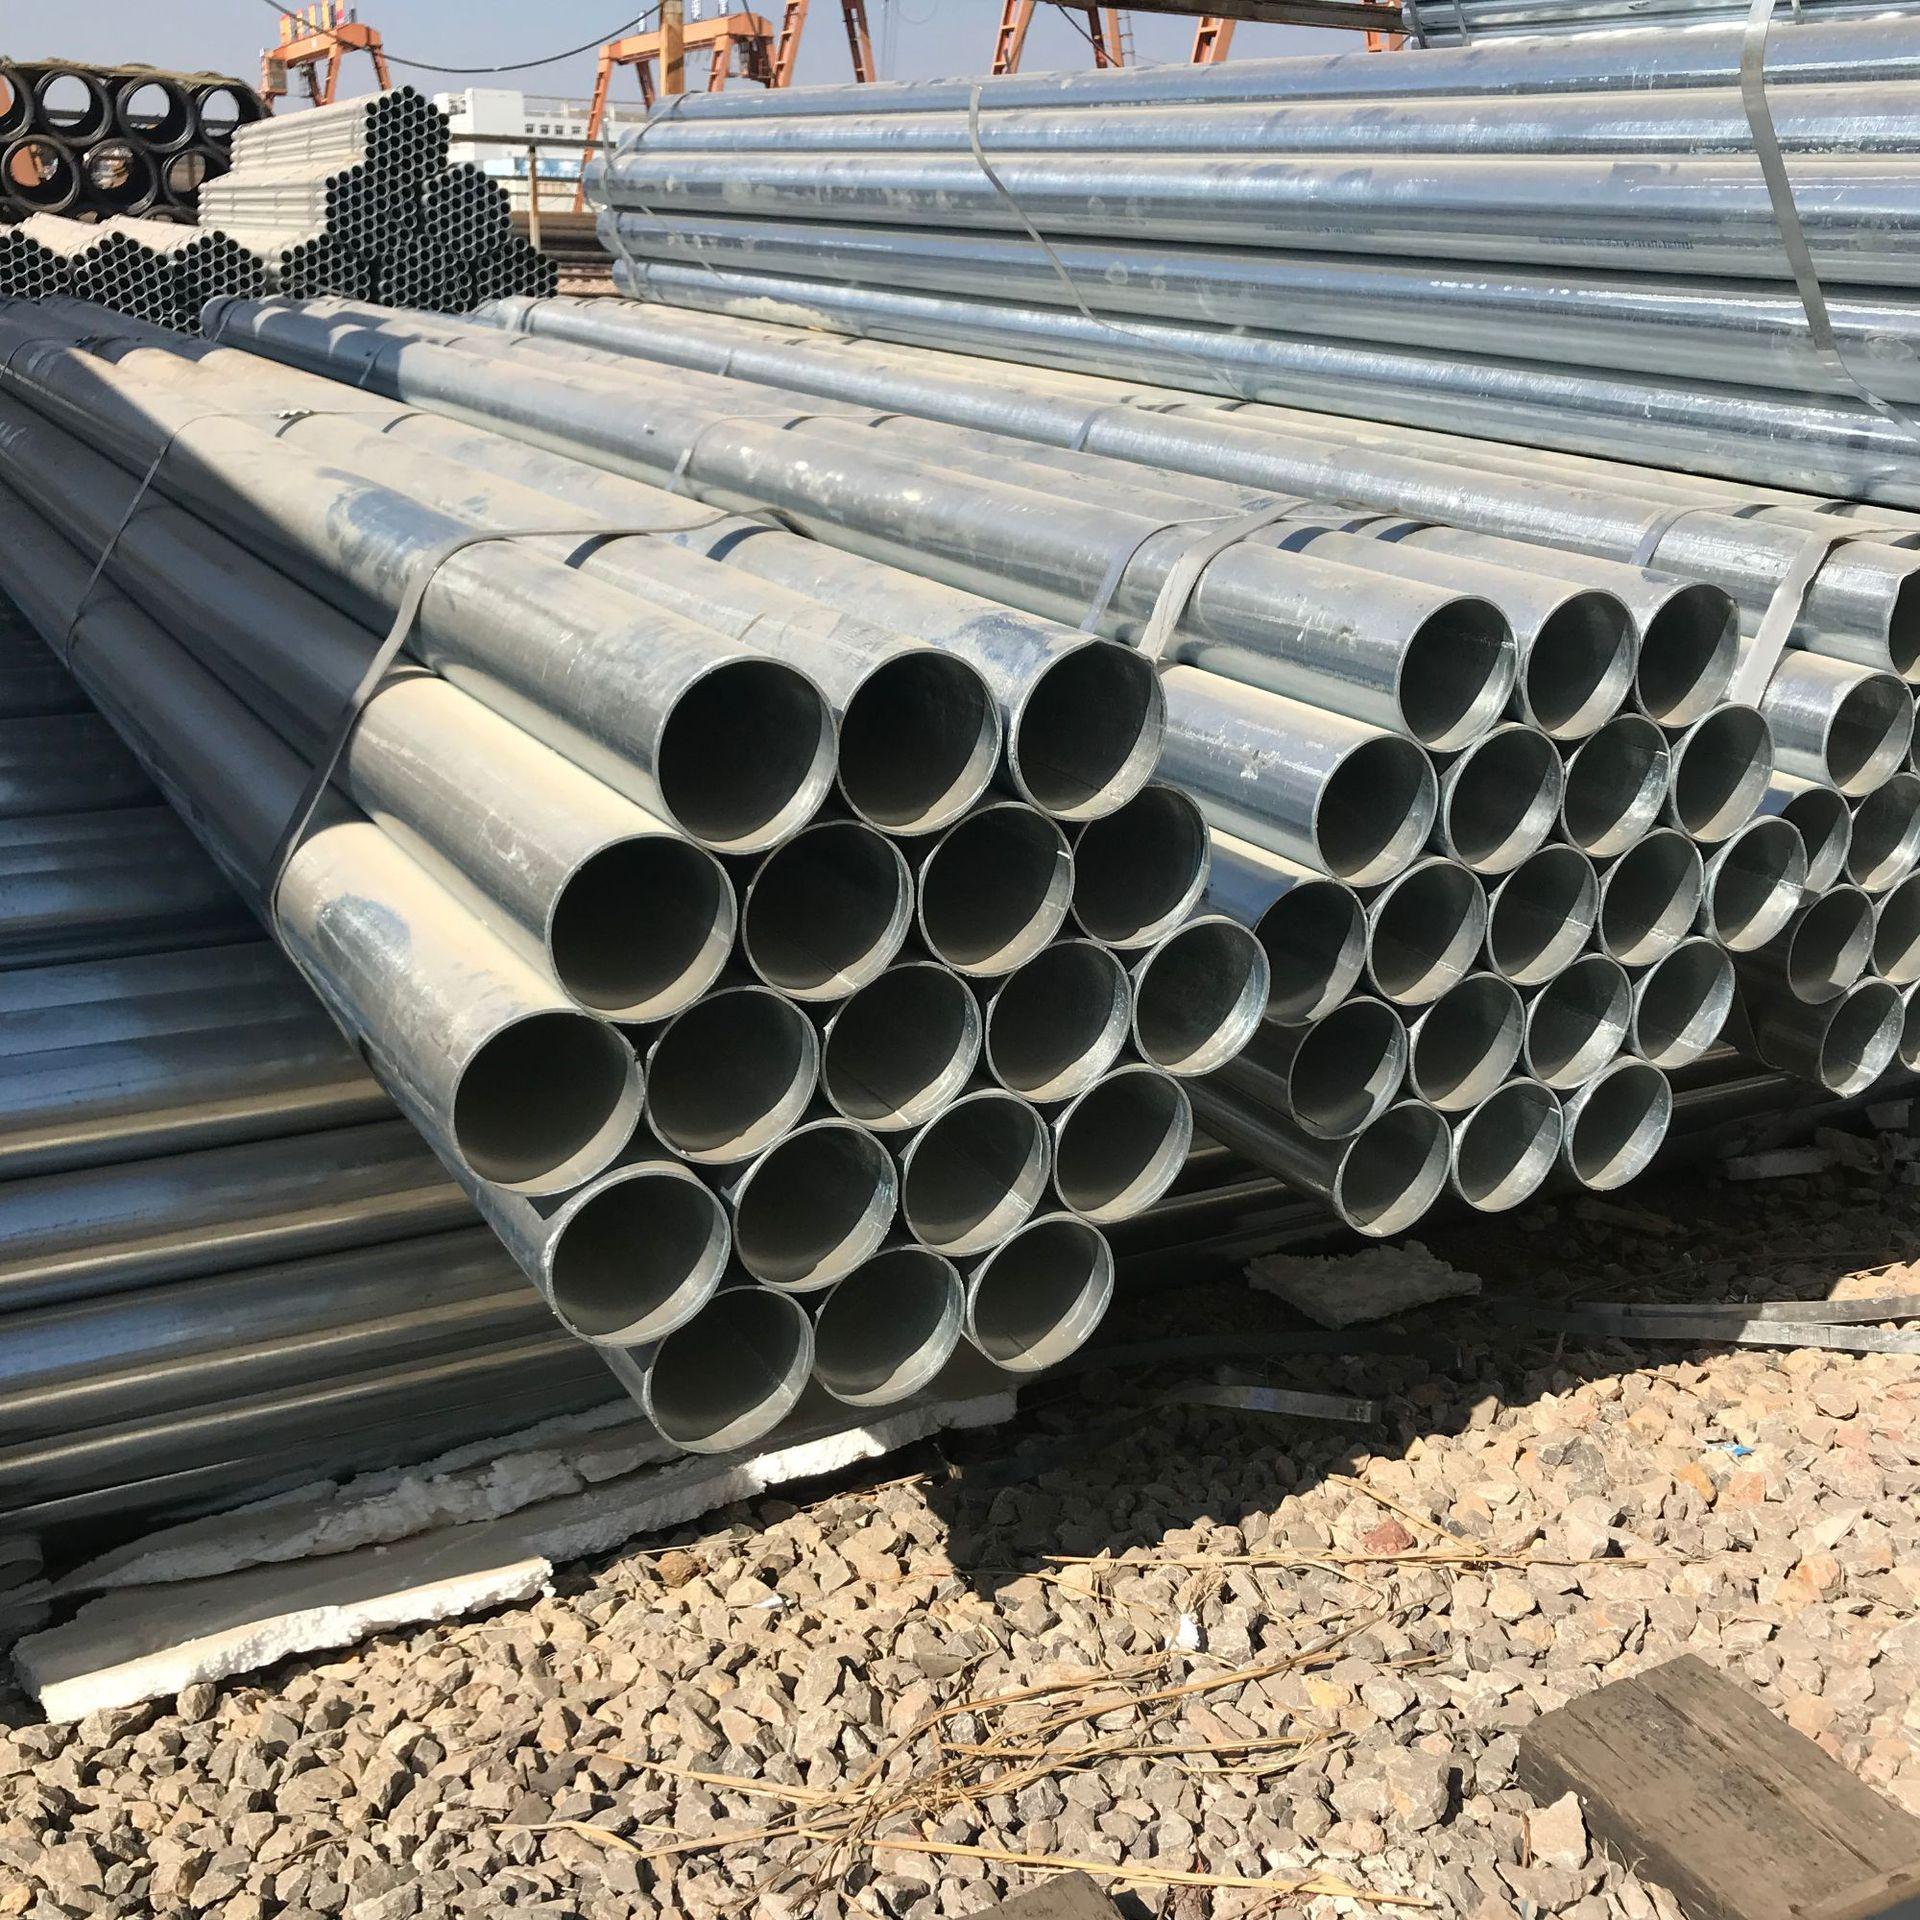 Ống thép Giá ống thép DN125 cho lan can của đường cao tốc Côn Minh 140mmx5.5x6000 ống mạ kẽm chống c